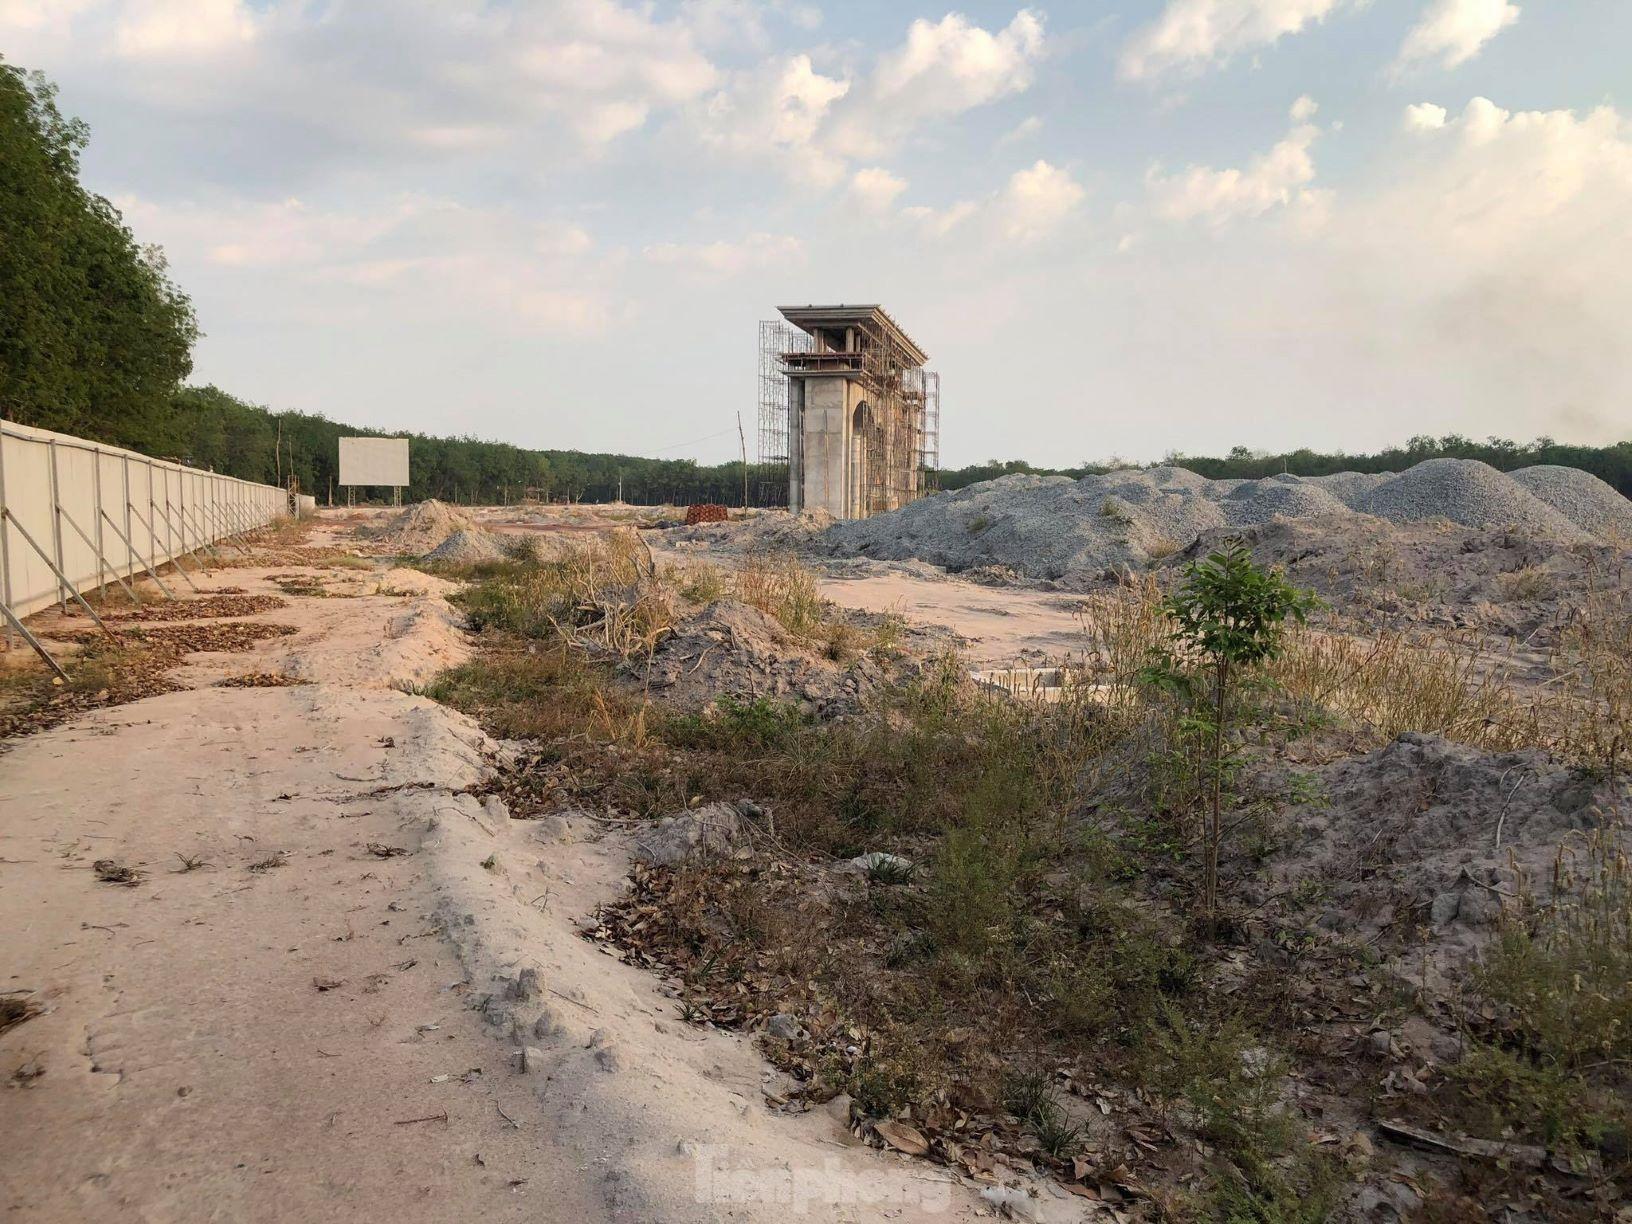 Đại dự án BĐS ở Bình Dương bị xử lý vì xây dựng không phép ảnh 5